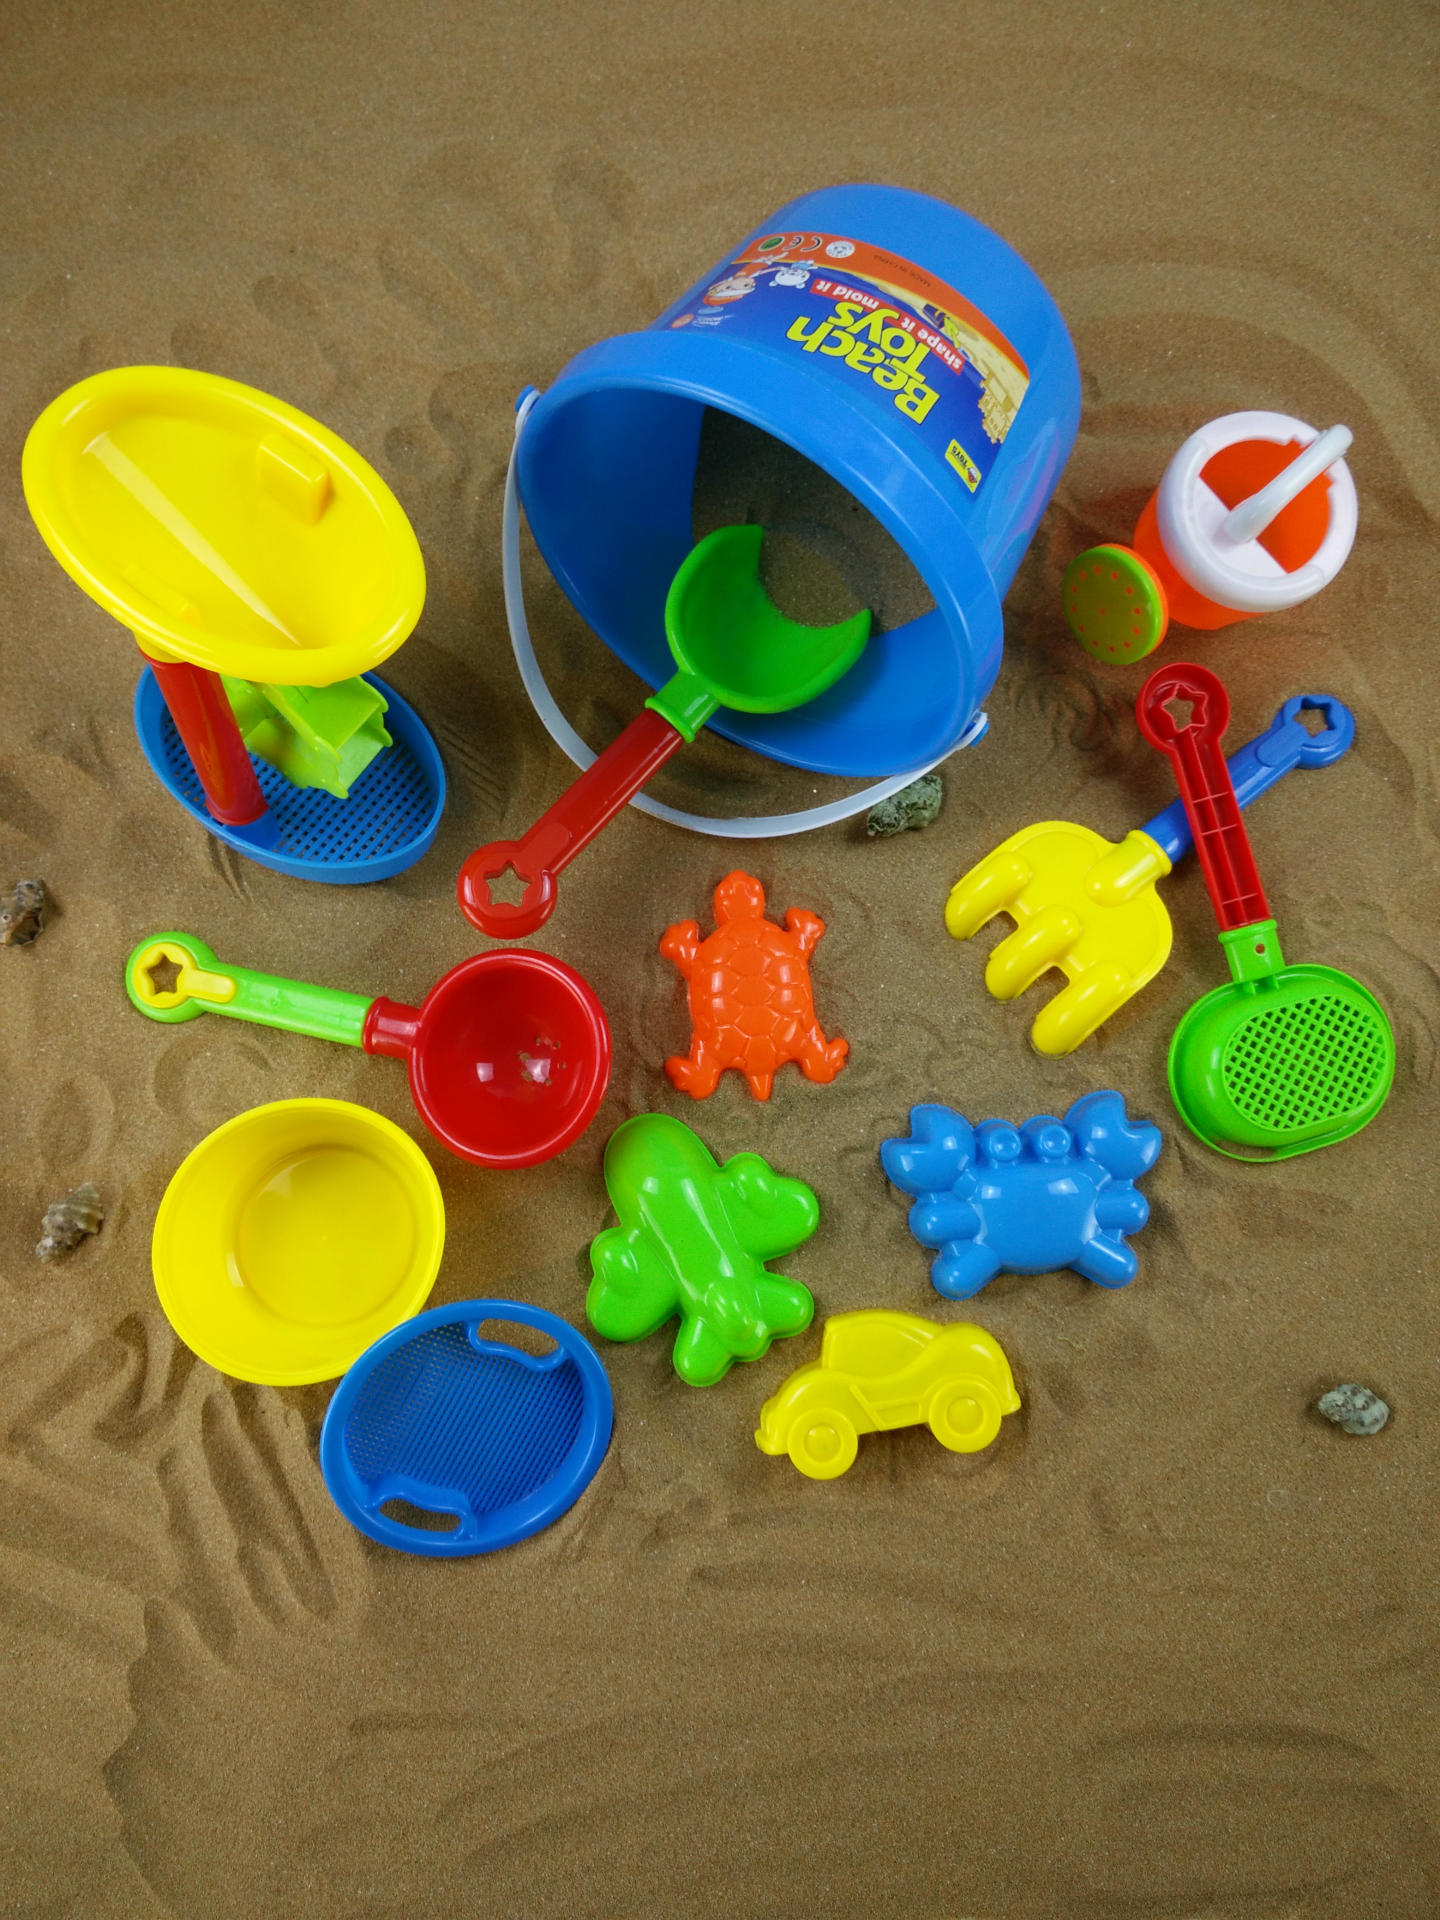 Bộ đồ chơi đi biển 8108 dành cho các bé